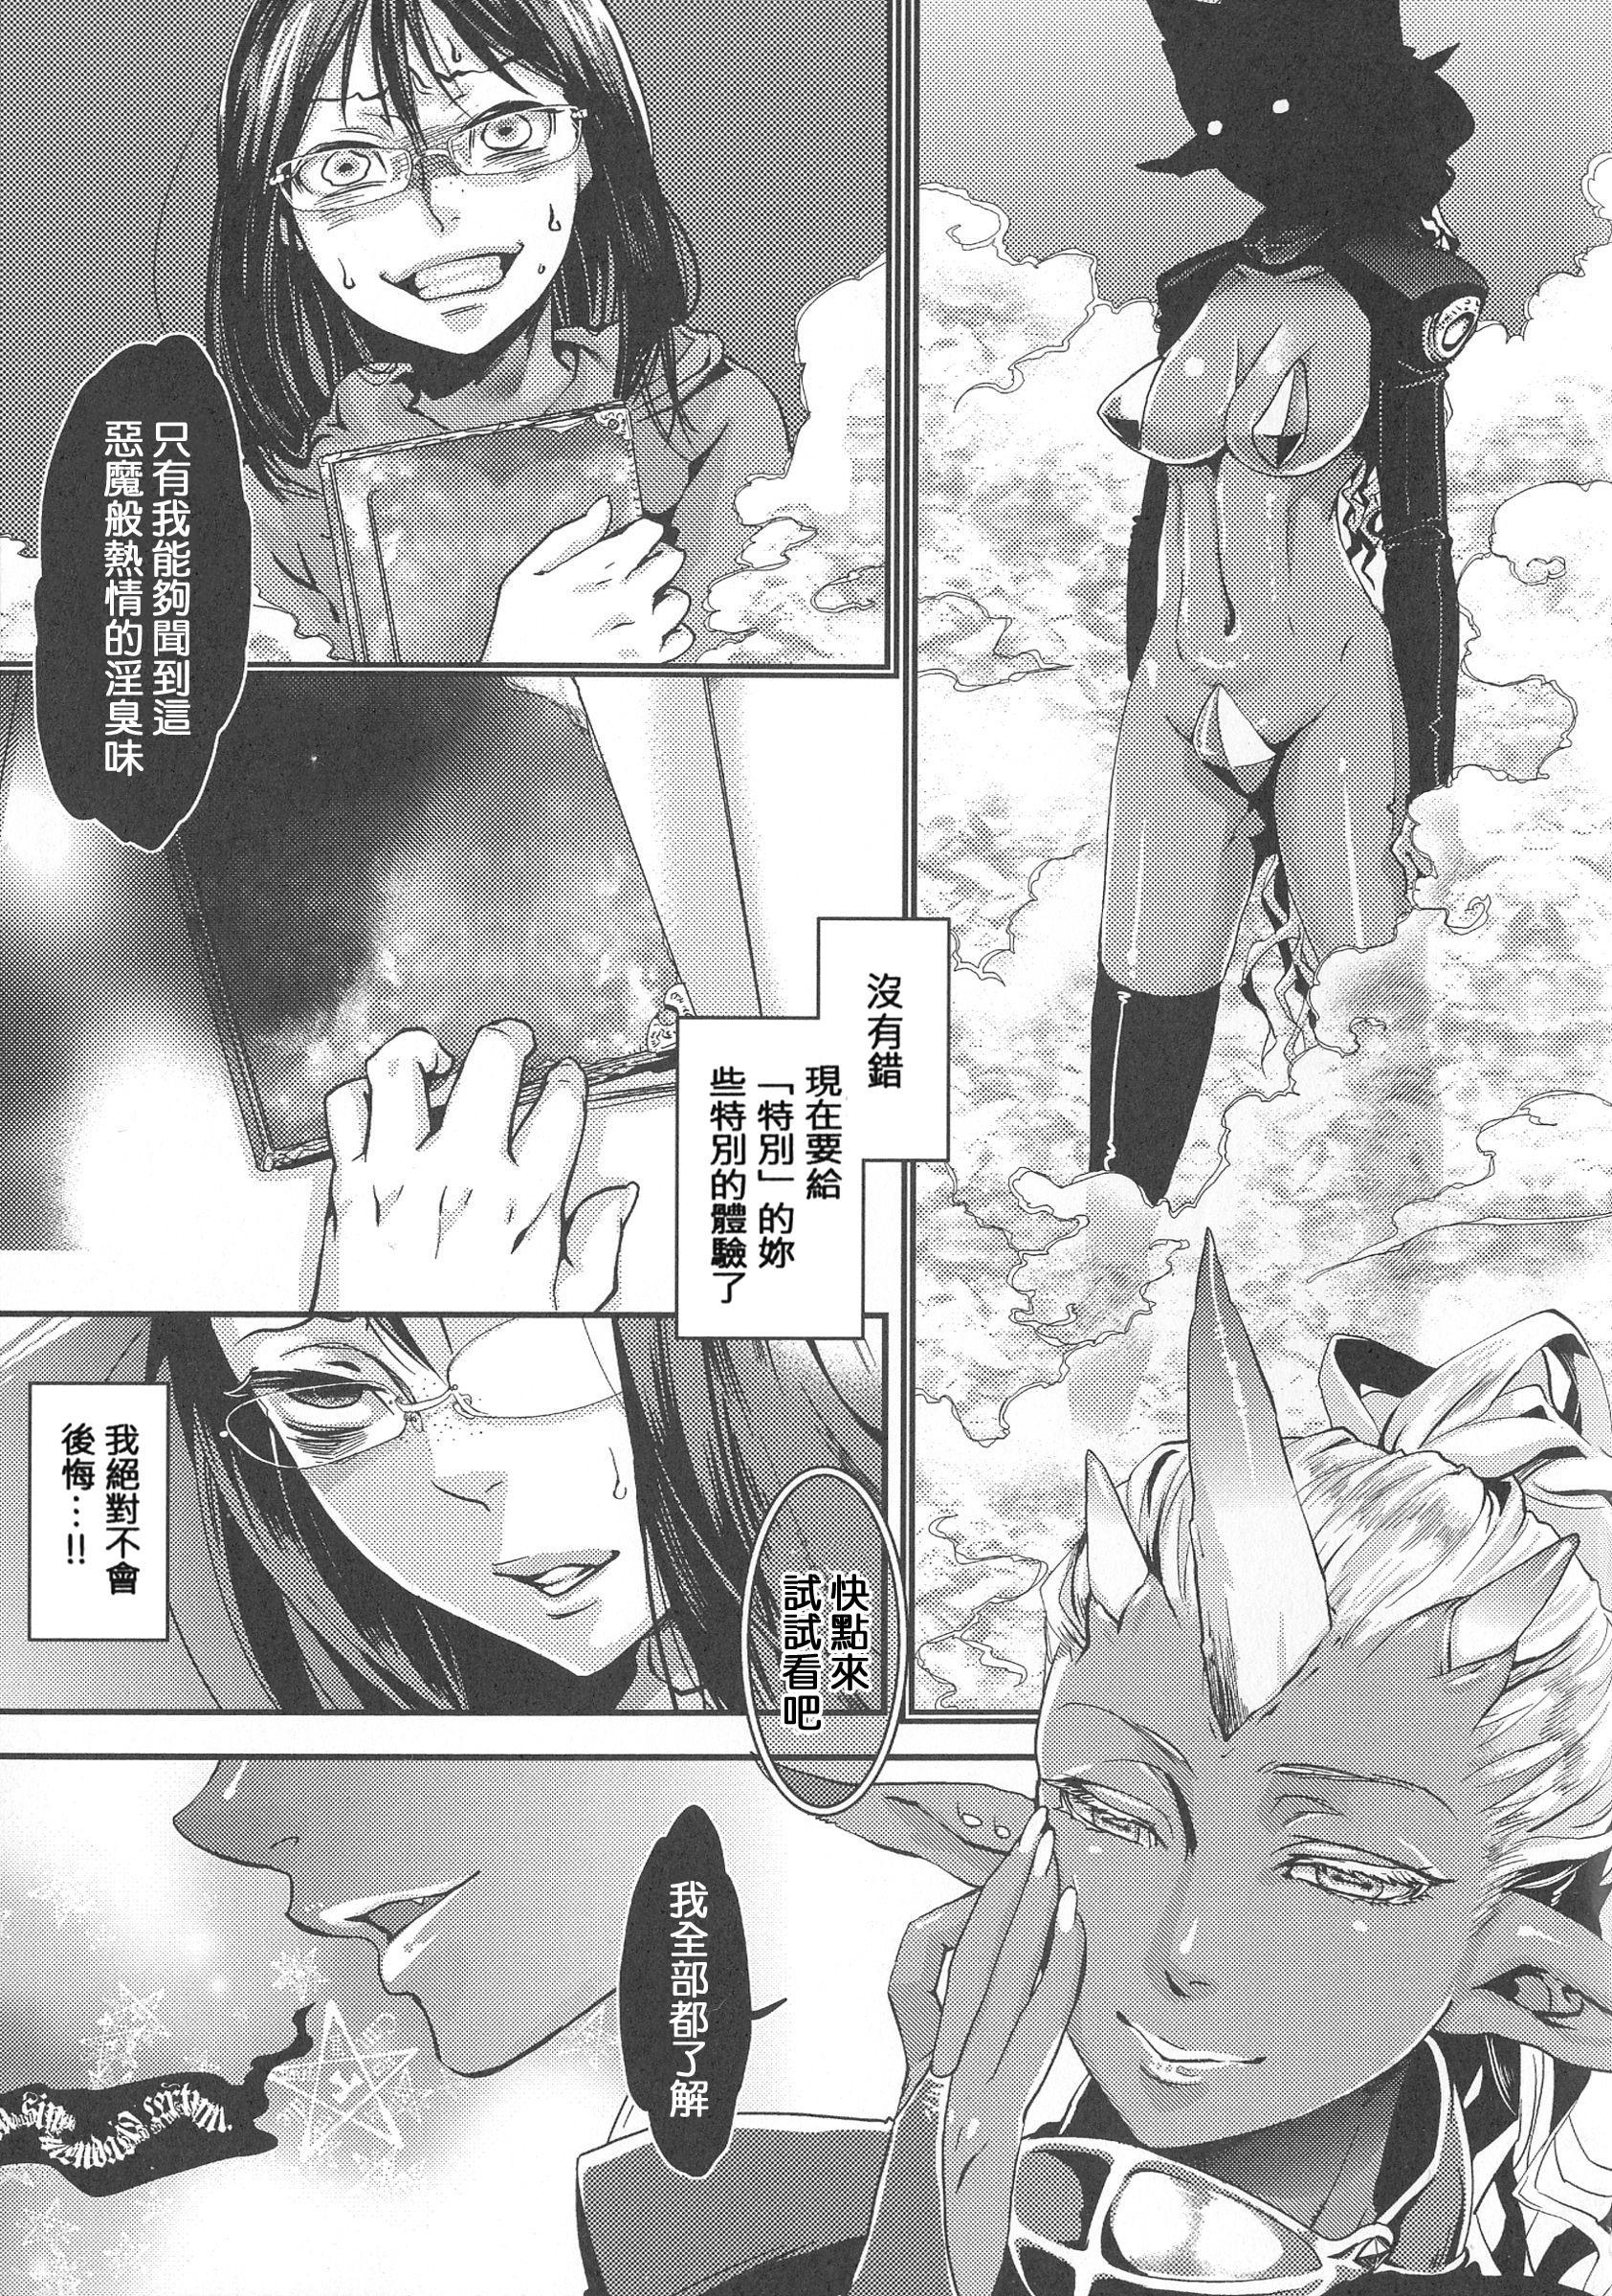 Chouki-sama no Ingyaku Yuugi 196